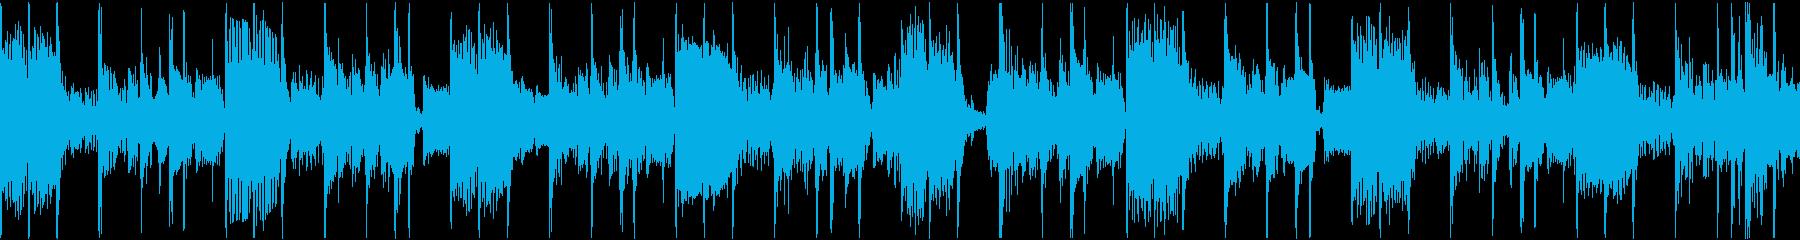 ベースがクールなファンクトラックの再生済みの波形